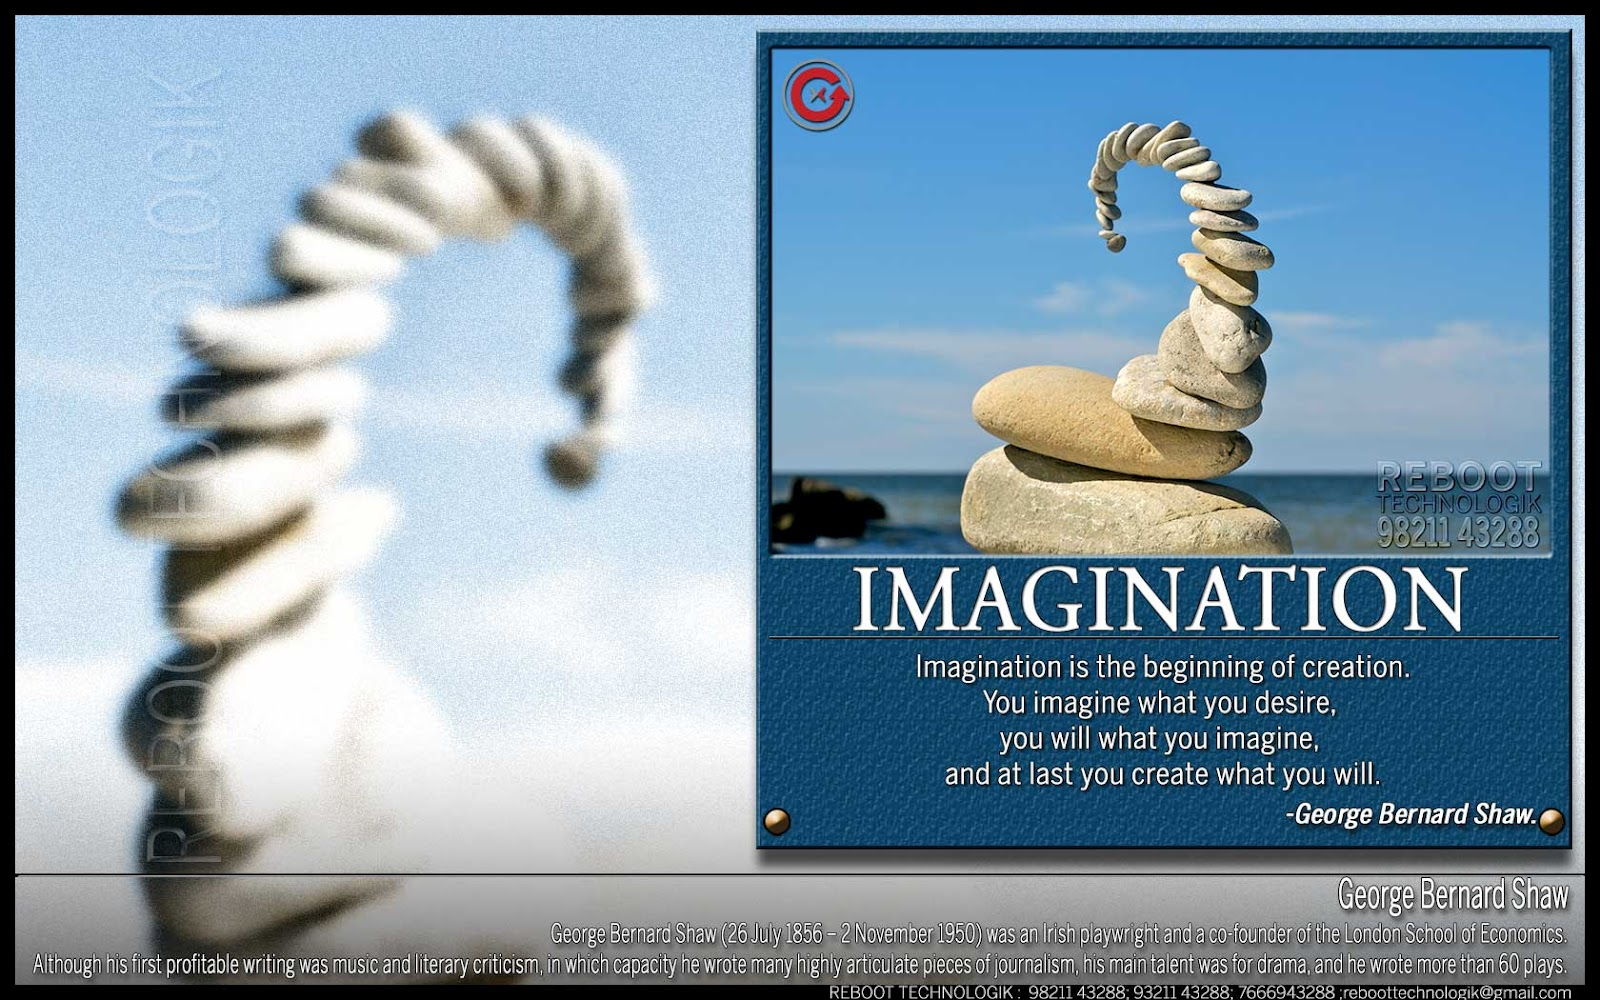 Monday Morning Quotes Monday Morning Quotes Quote On Desk  Imagination